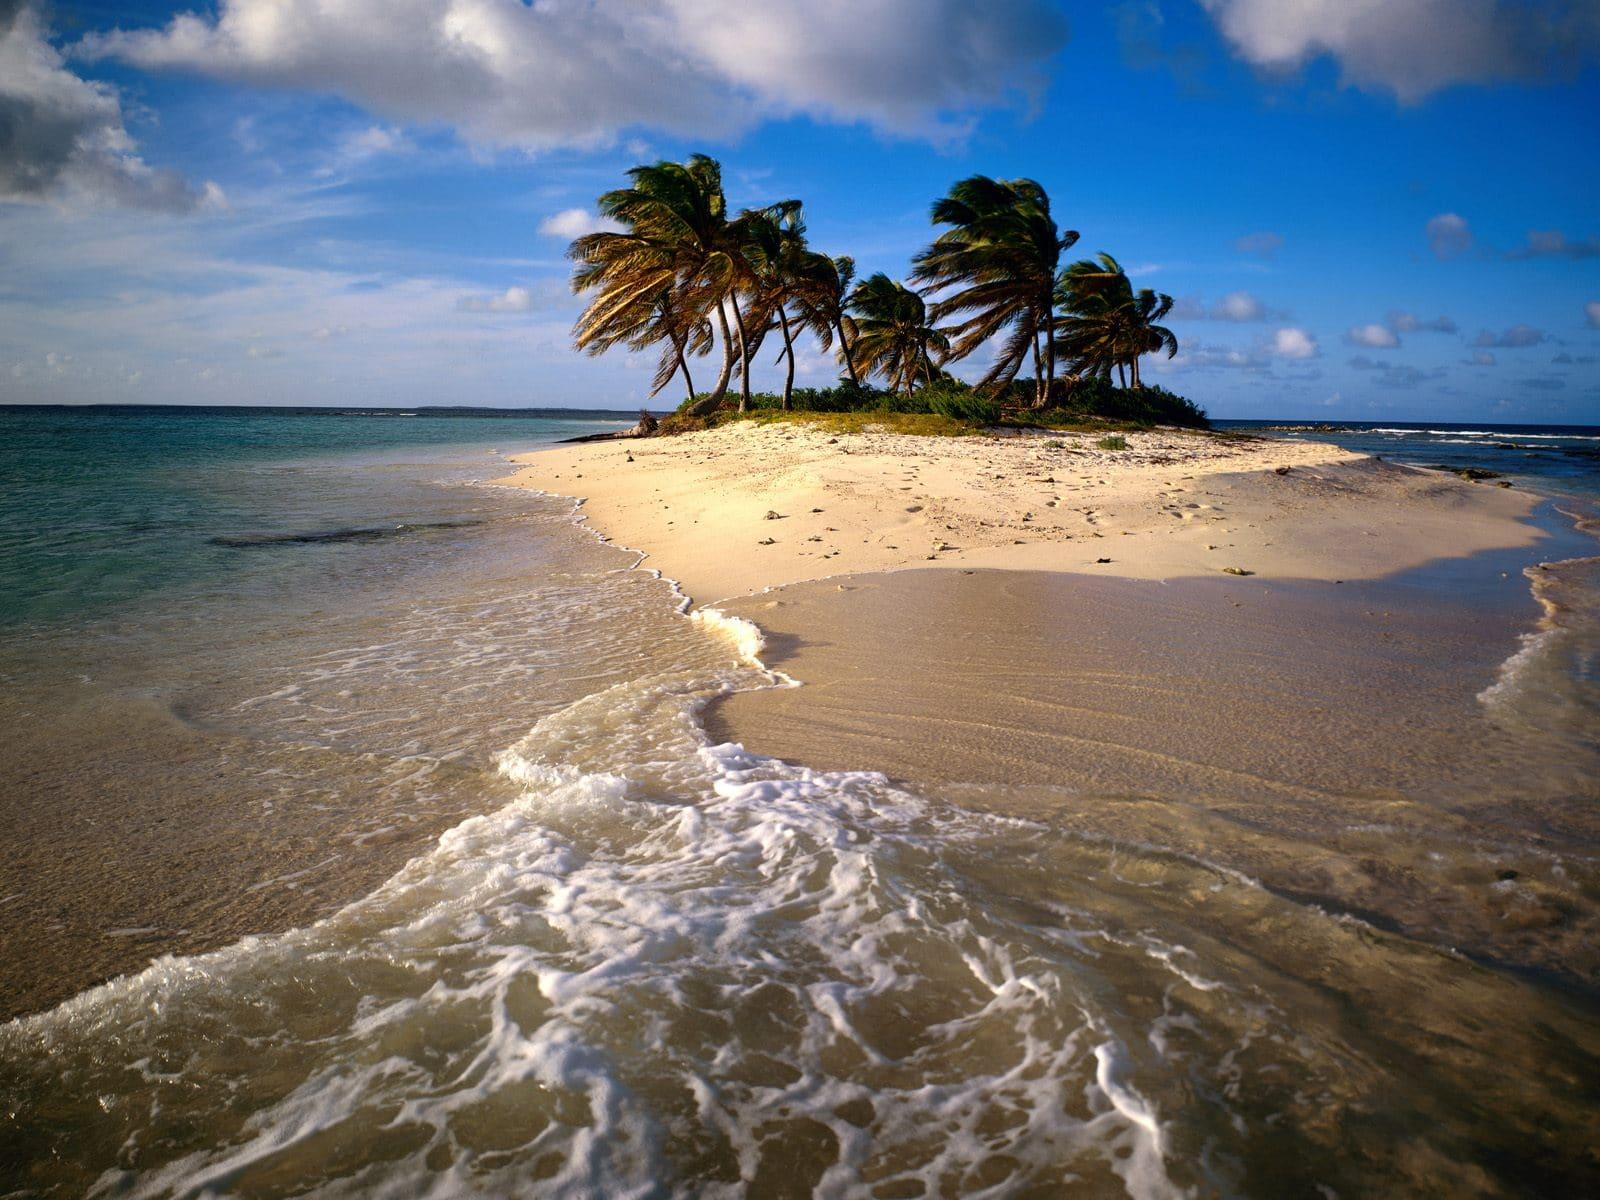 Plajele dominate de palmieri contrastează cu relieful vulcanic